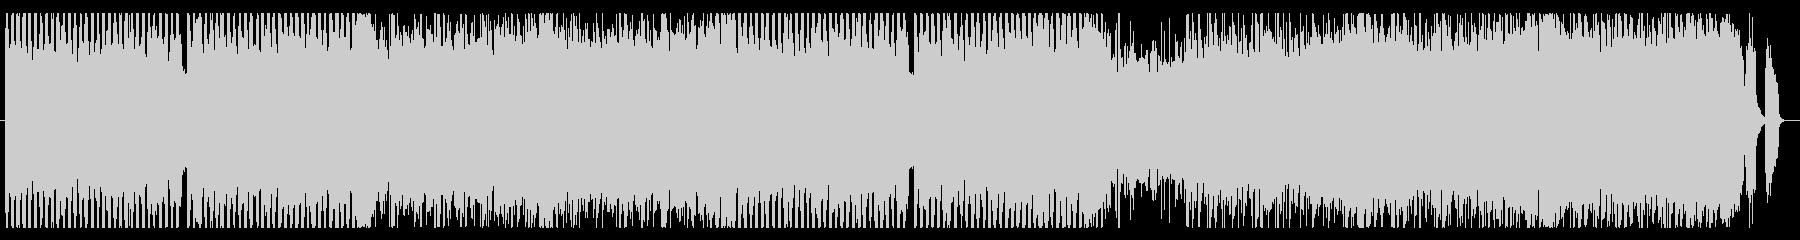 カーチェイスのようにスリリングな速い曲の未再生の波形